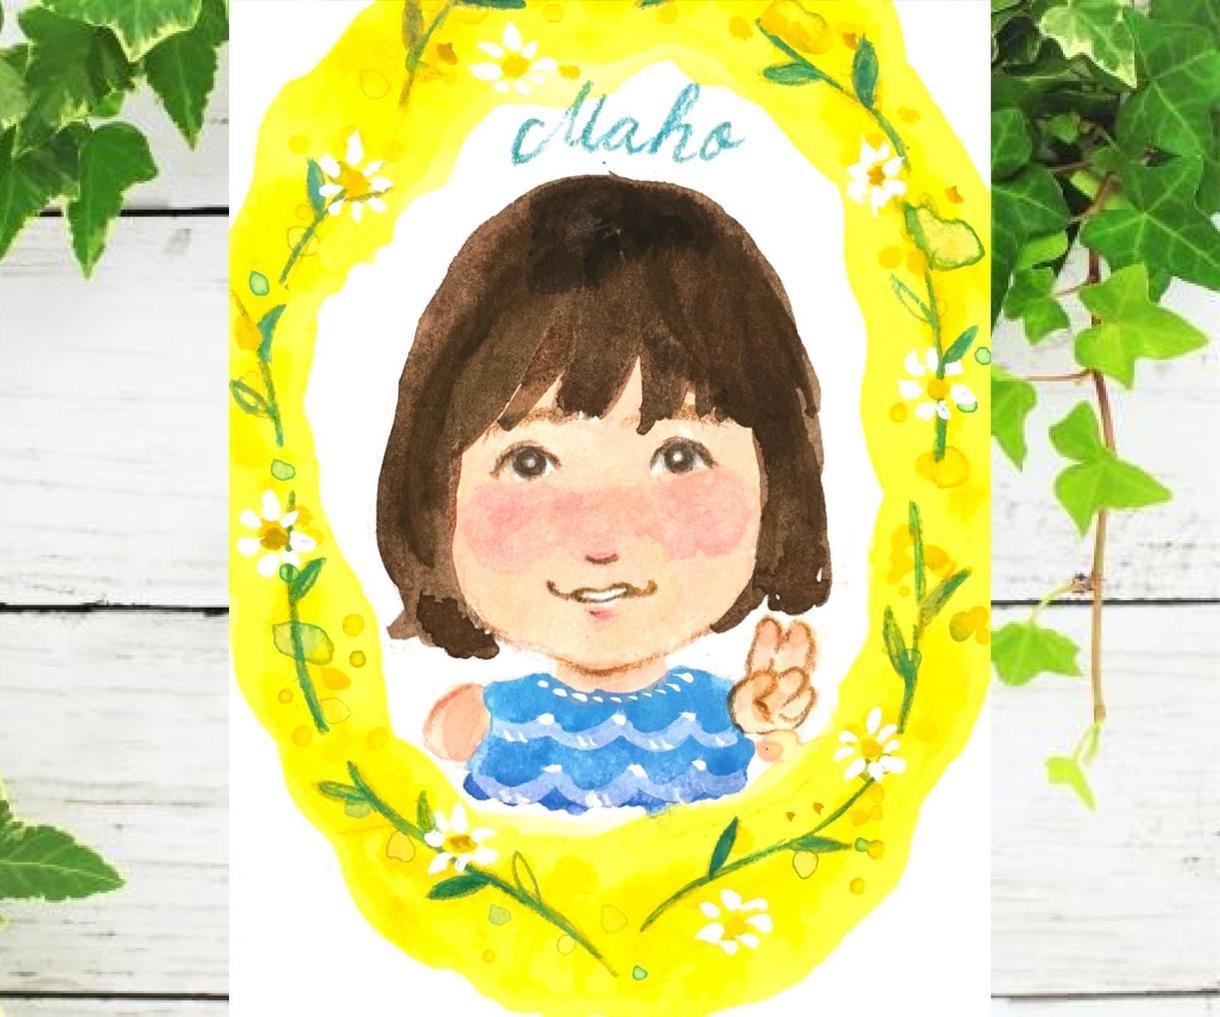 現物発送✳︎水彩のリース似顔絵をお描きします 送料無料・はがきサイズ・プレゼントに最適です♪ イメージ1